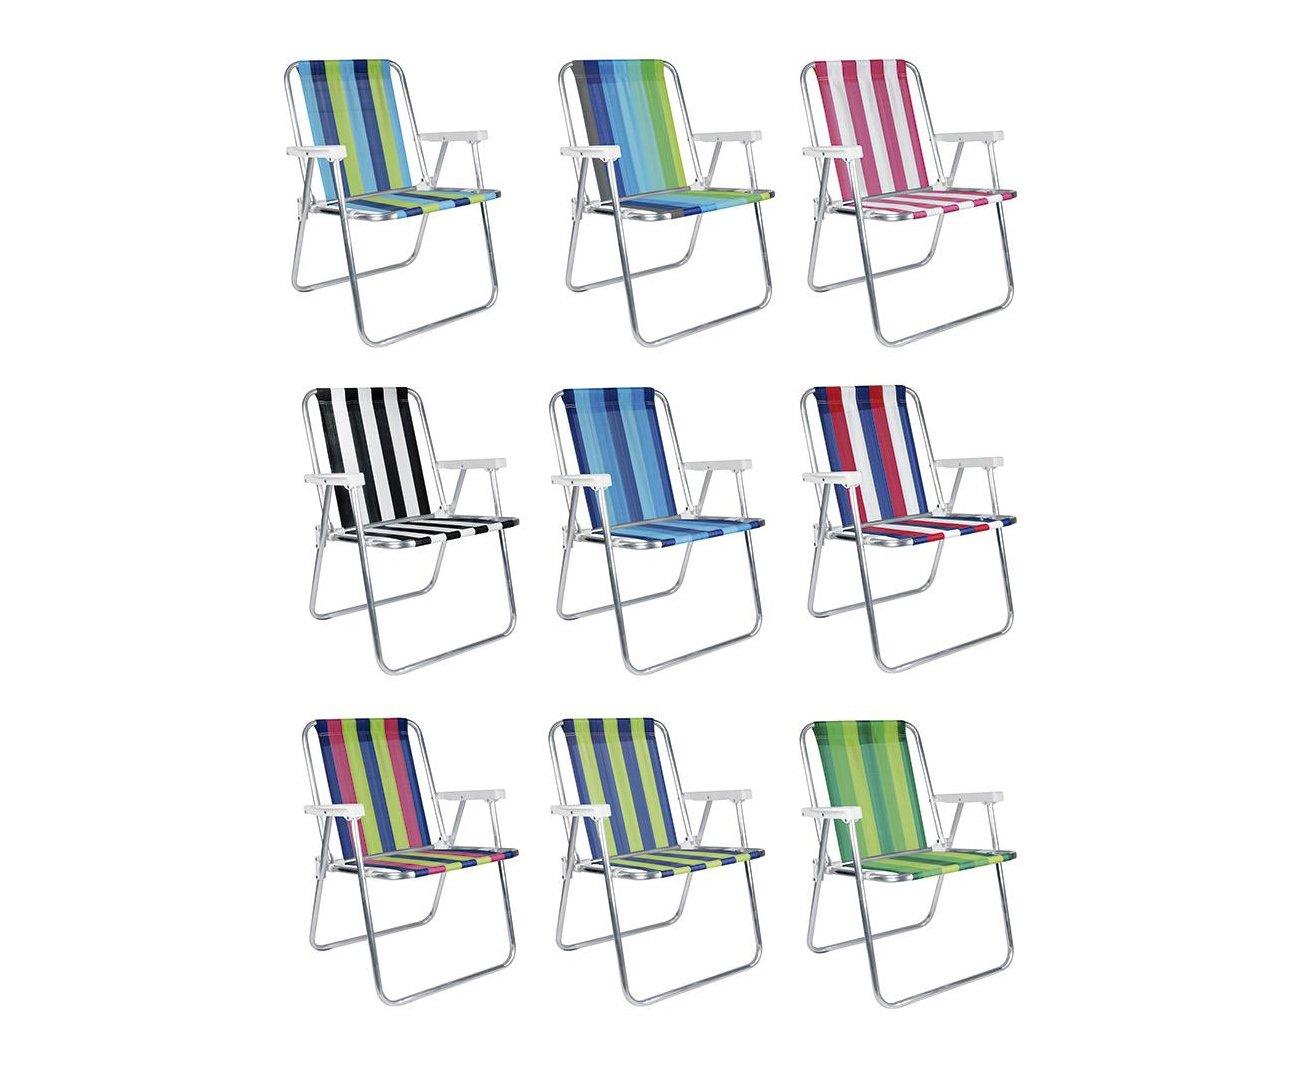 Cadeira Praia Mor Alta - Alumínio Cores Diversas